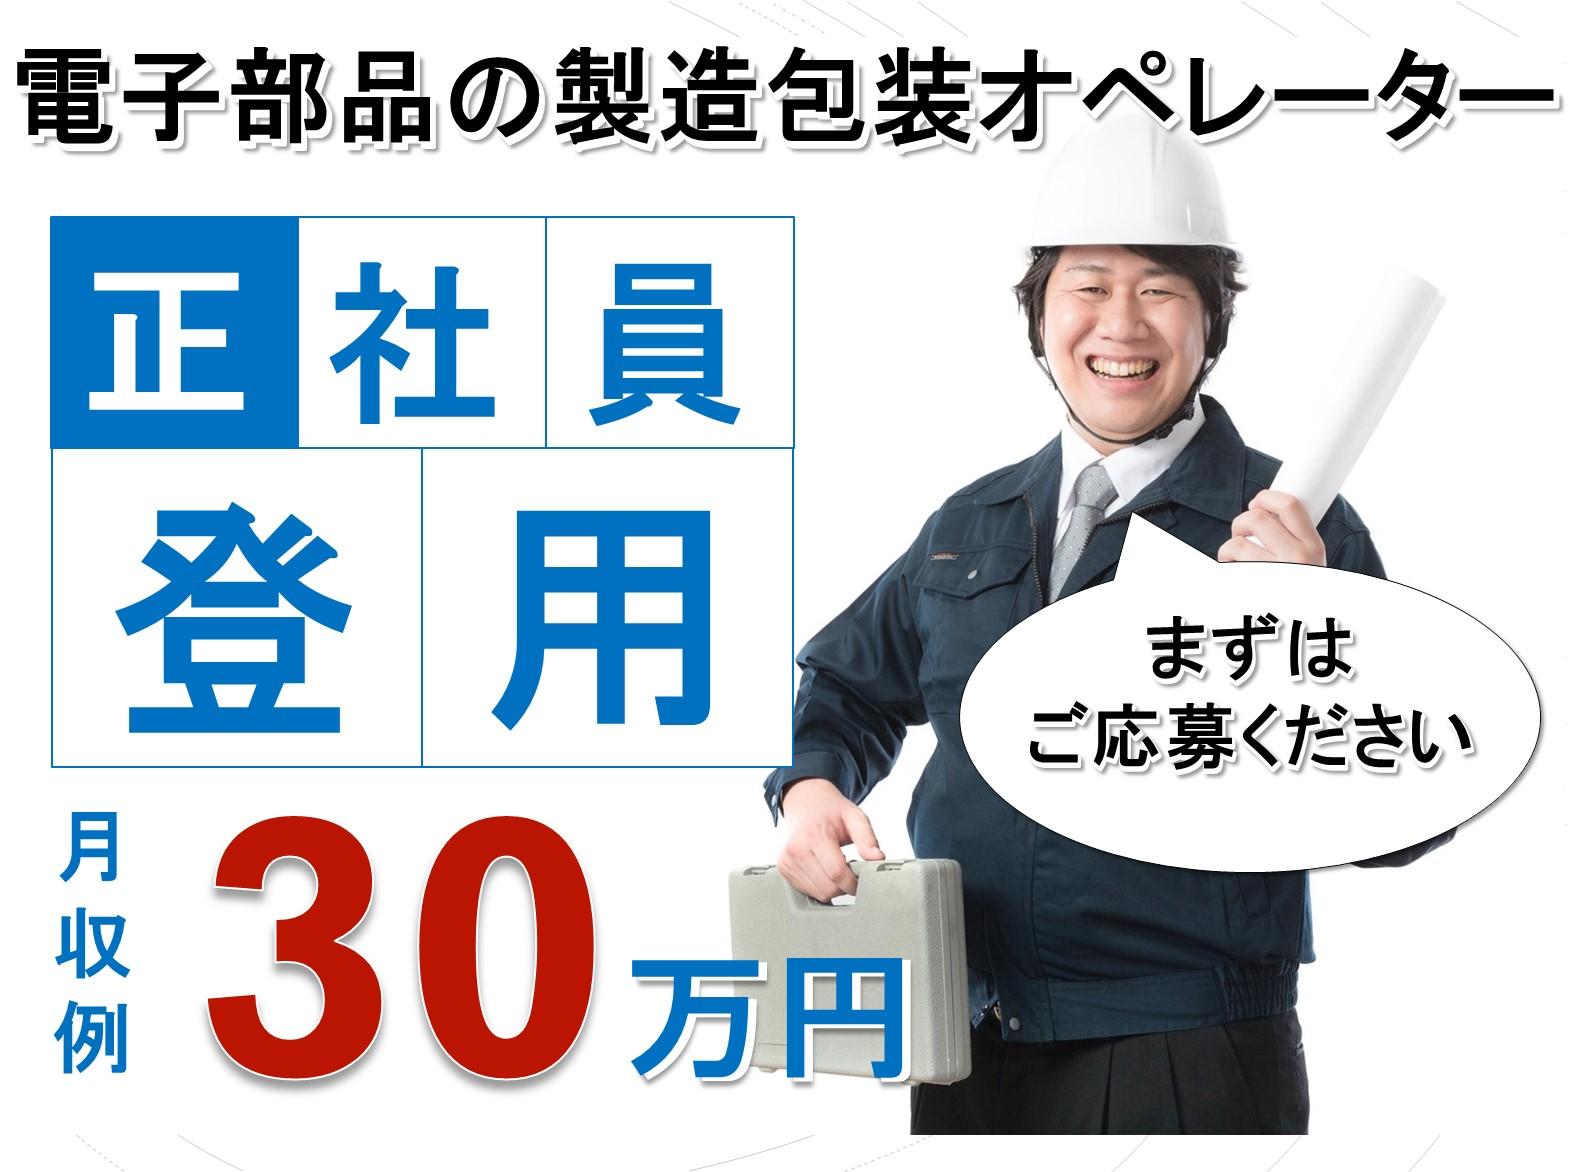 《島根県大田市》月給30万円!正社員登用あり!部品製造のオペレーター イメージ